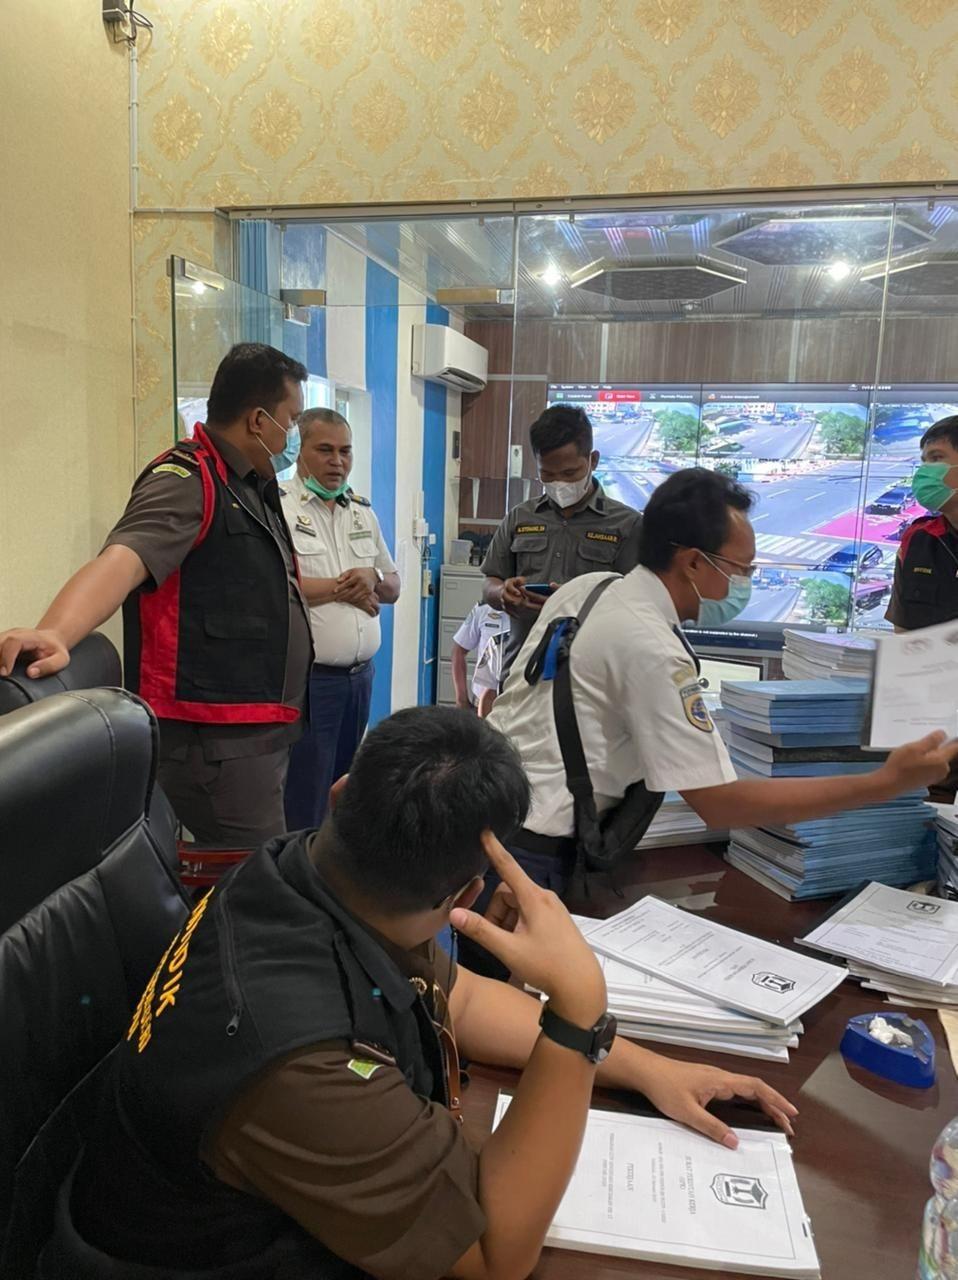 Kasus Korupsi CCTV Dishub Binjai, Kejari Menduga Dikerjakan PPK